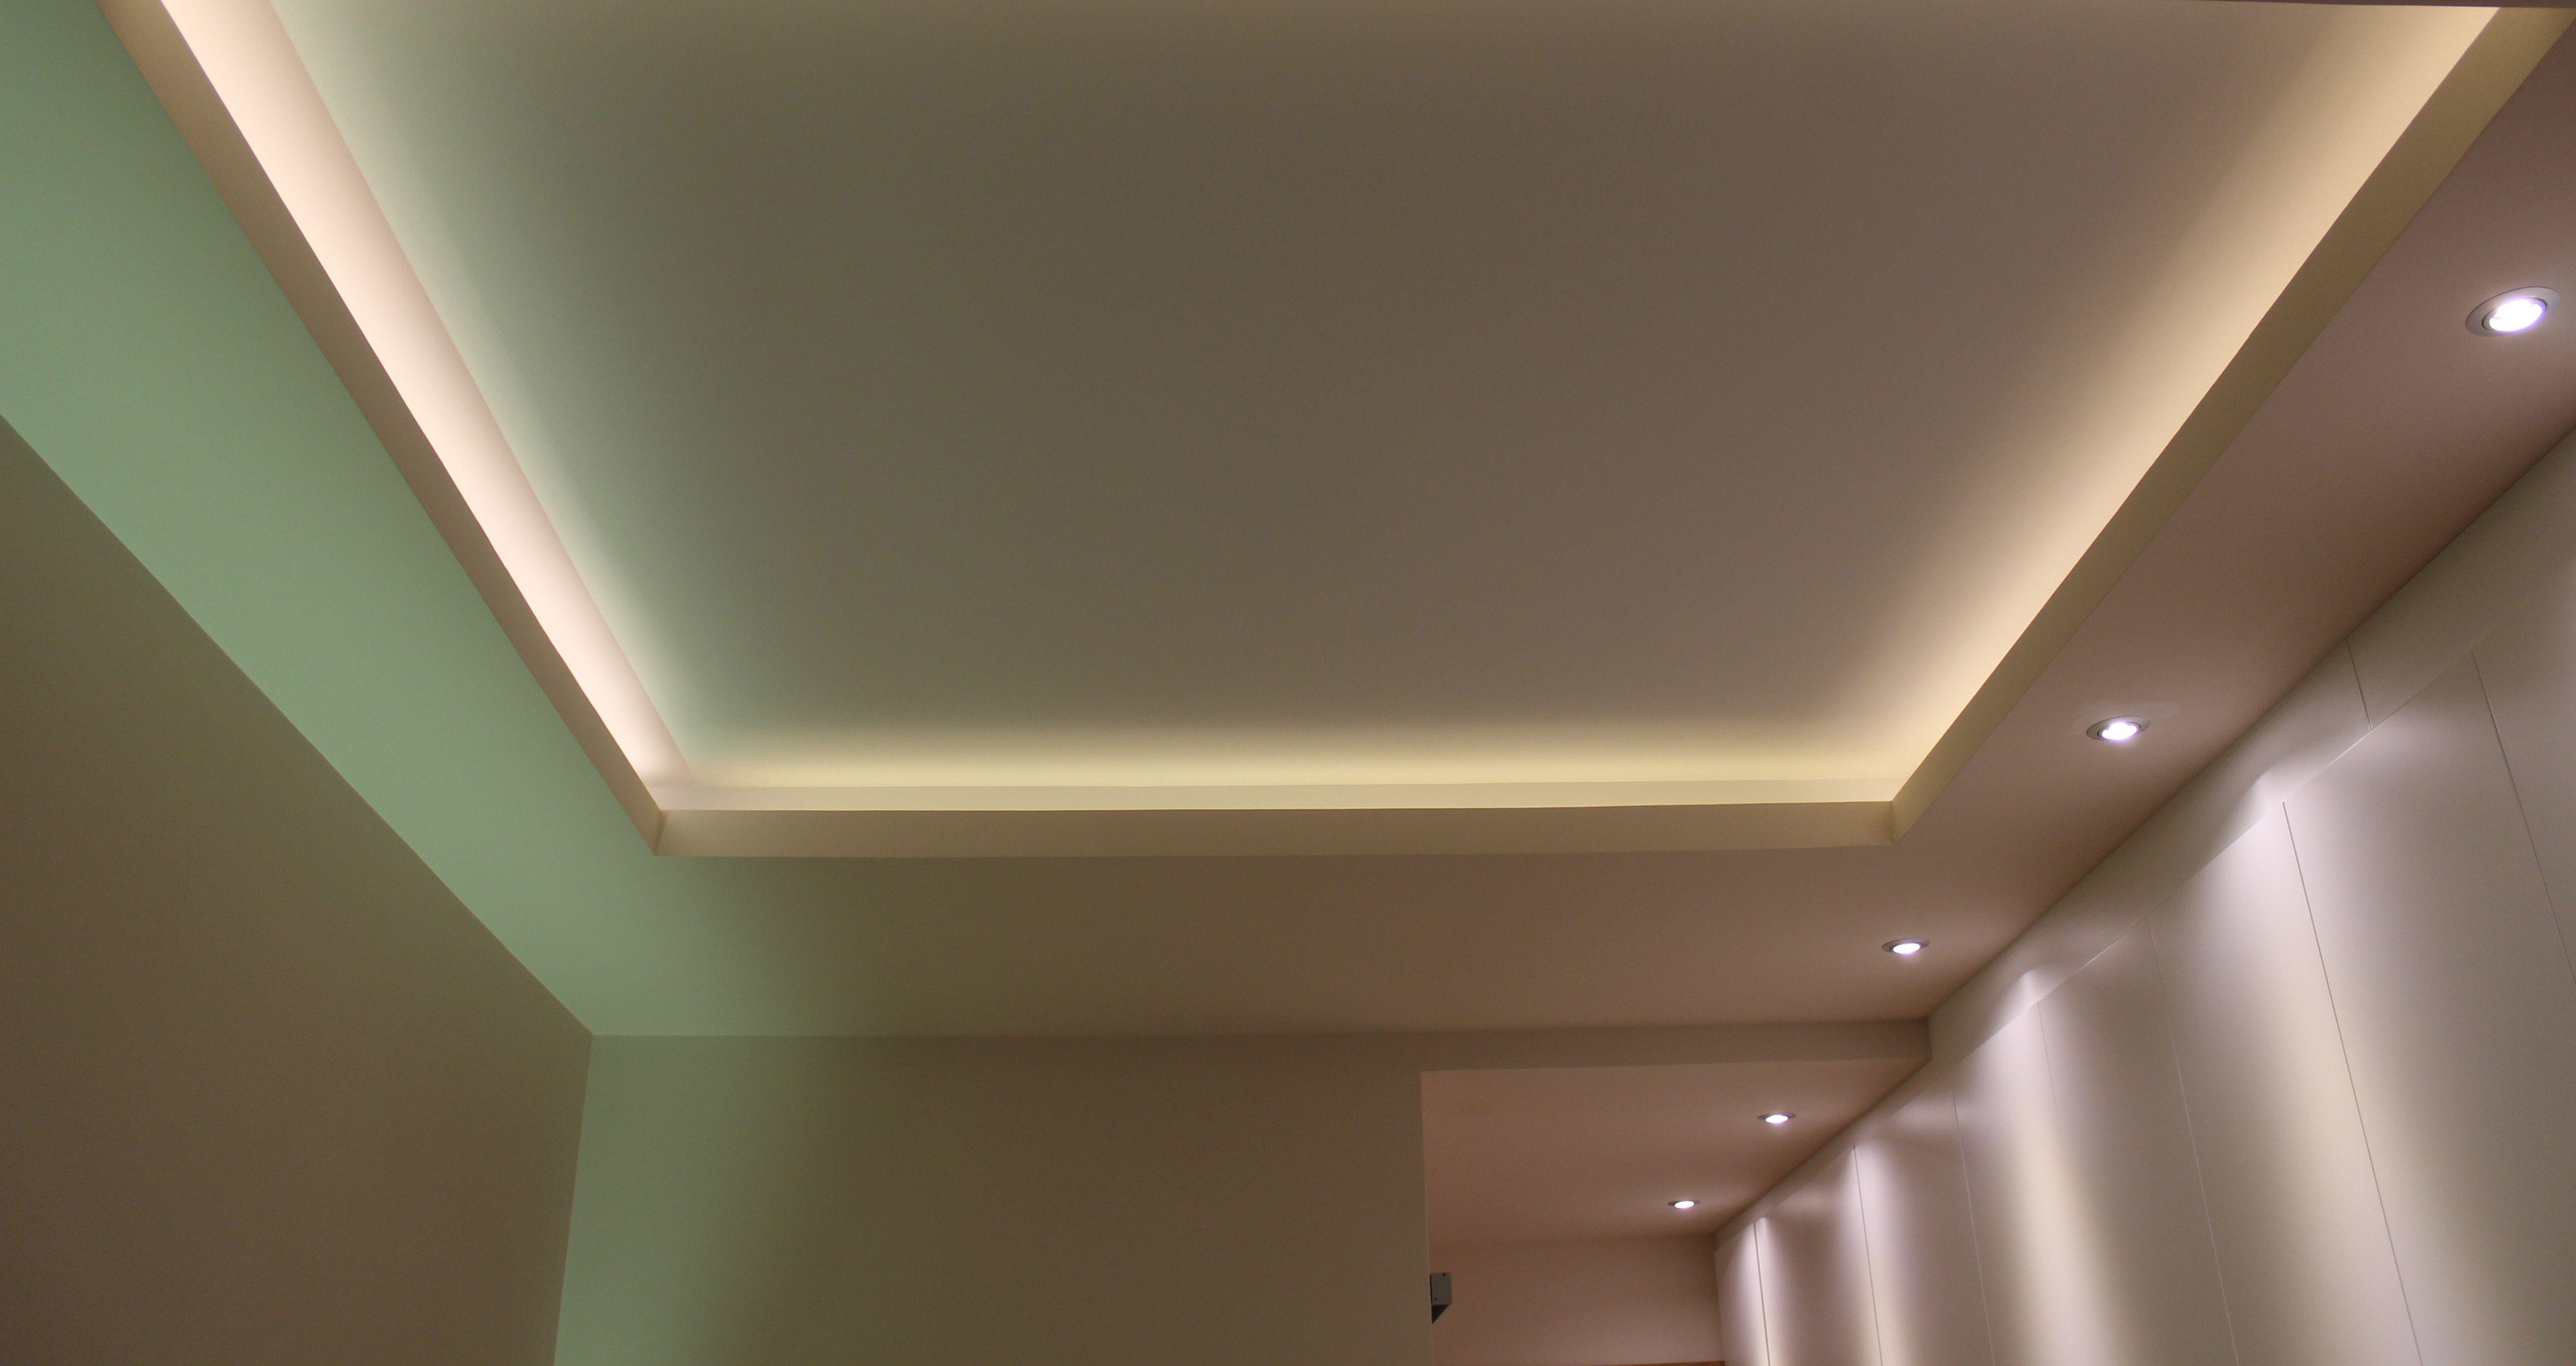 Dormitorio Iluminado Con Tiras De Leds En Foseado Del Techo Y Dicroicas Led Para Banar El Armario Luces De Techo Iluminacion Techo Techo Led